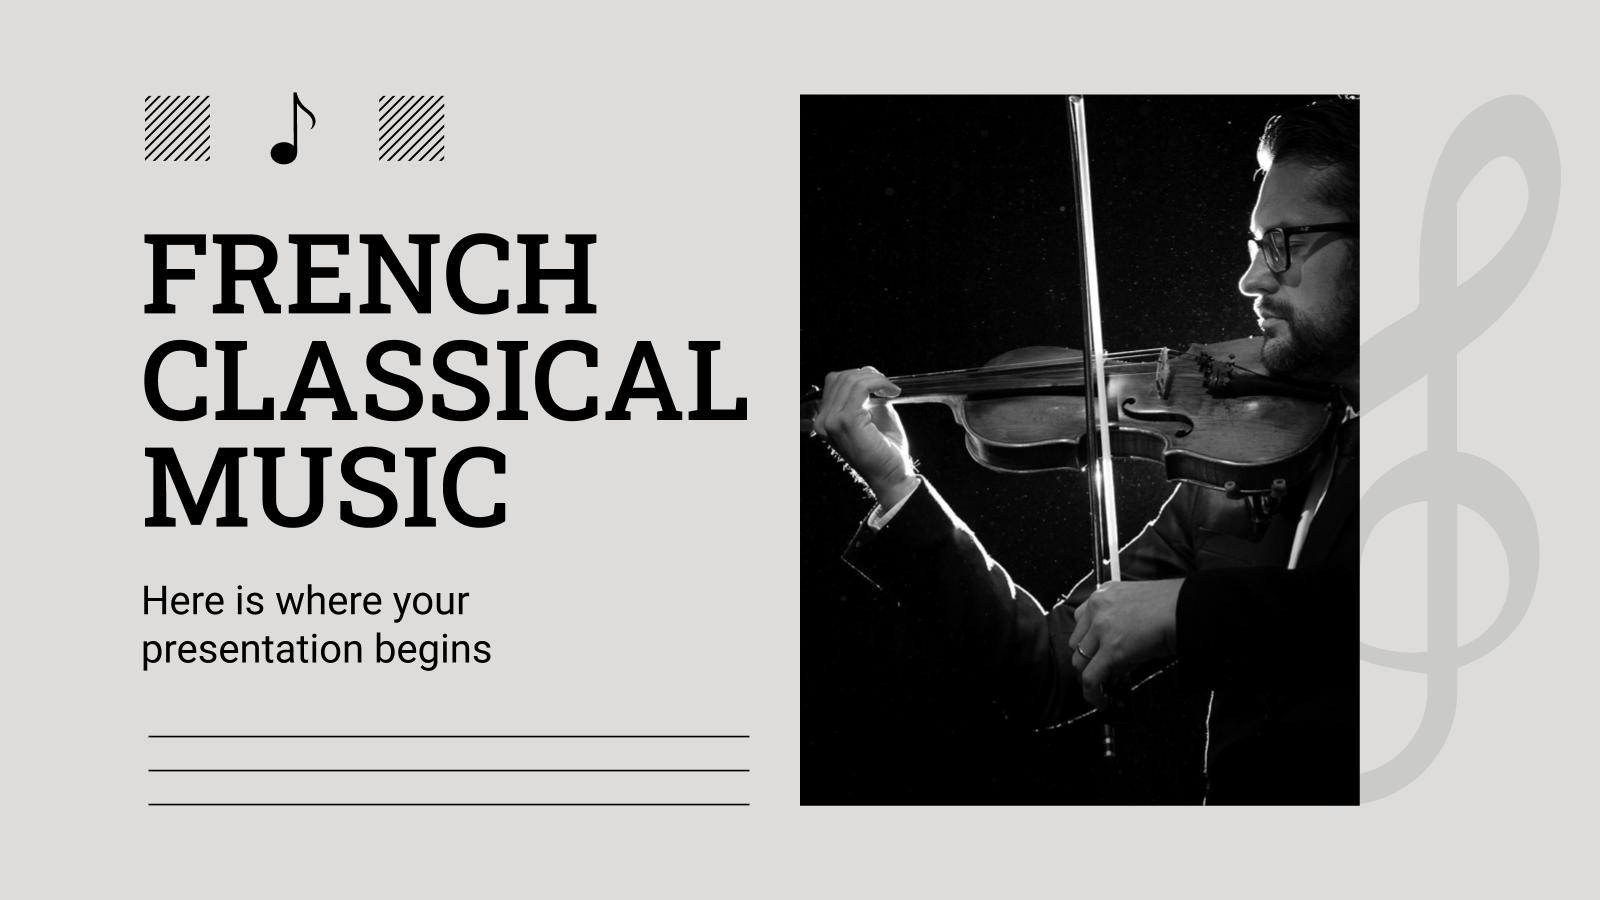 Plantilla de presentación Música clásica francesa